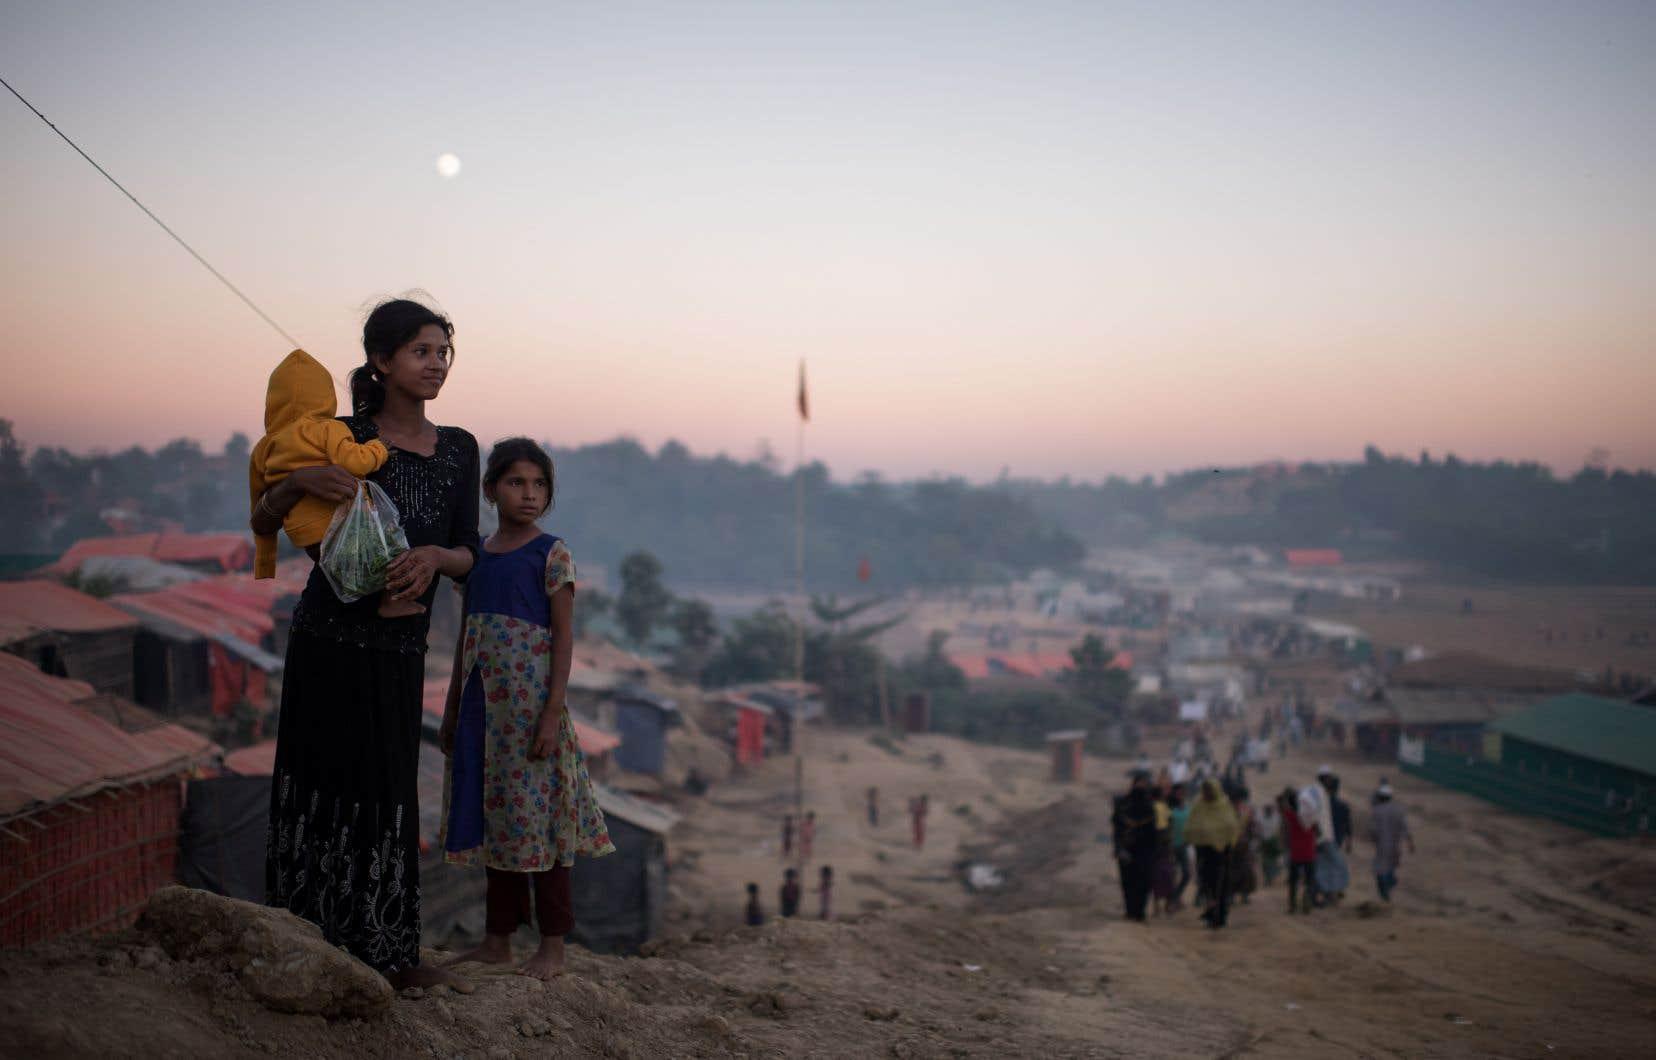 Des réfugiés rohingyas dans le camp de Cox's Bazar, dans le sud du Bangladesh